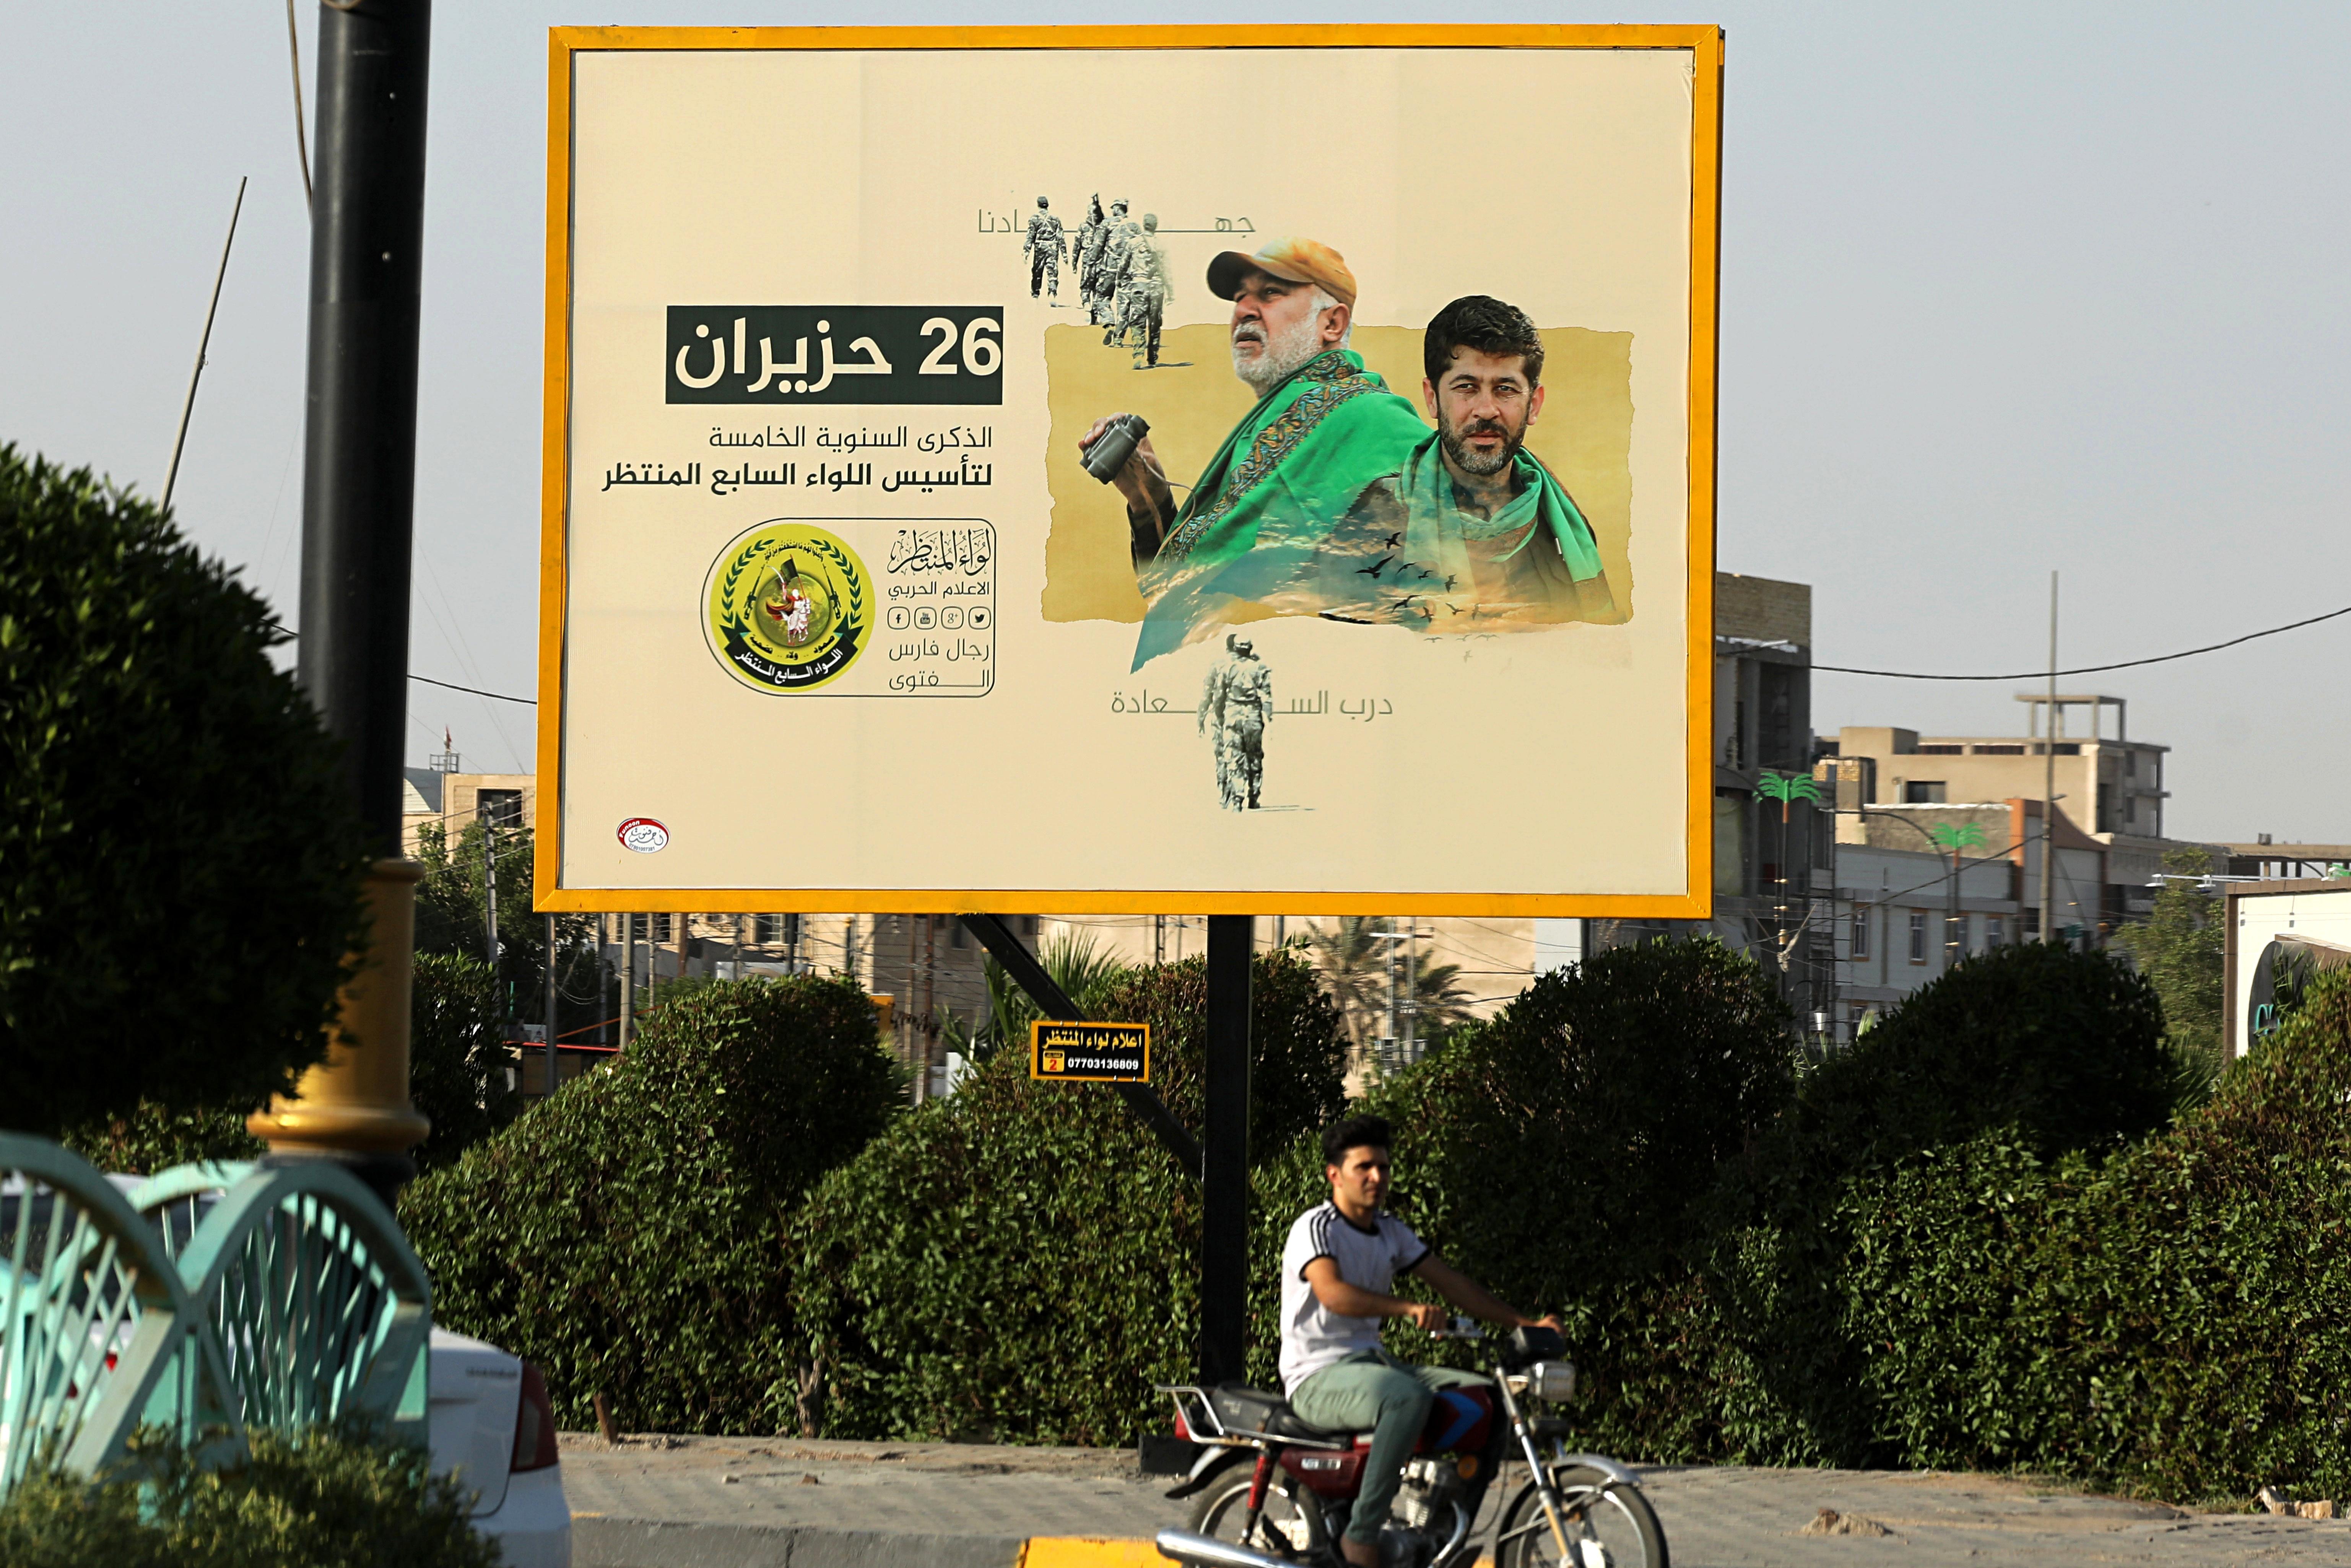 The Latest: Iran-backed militia criticizes Iraq PMs order